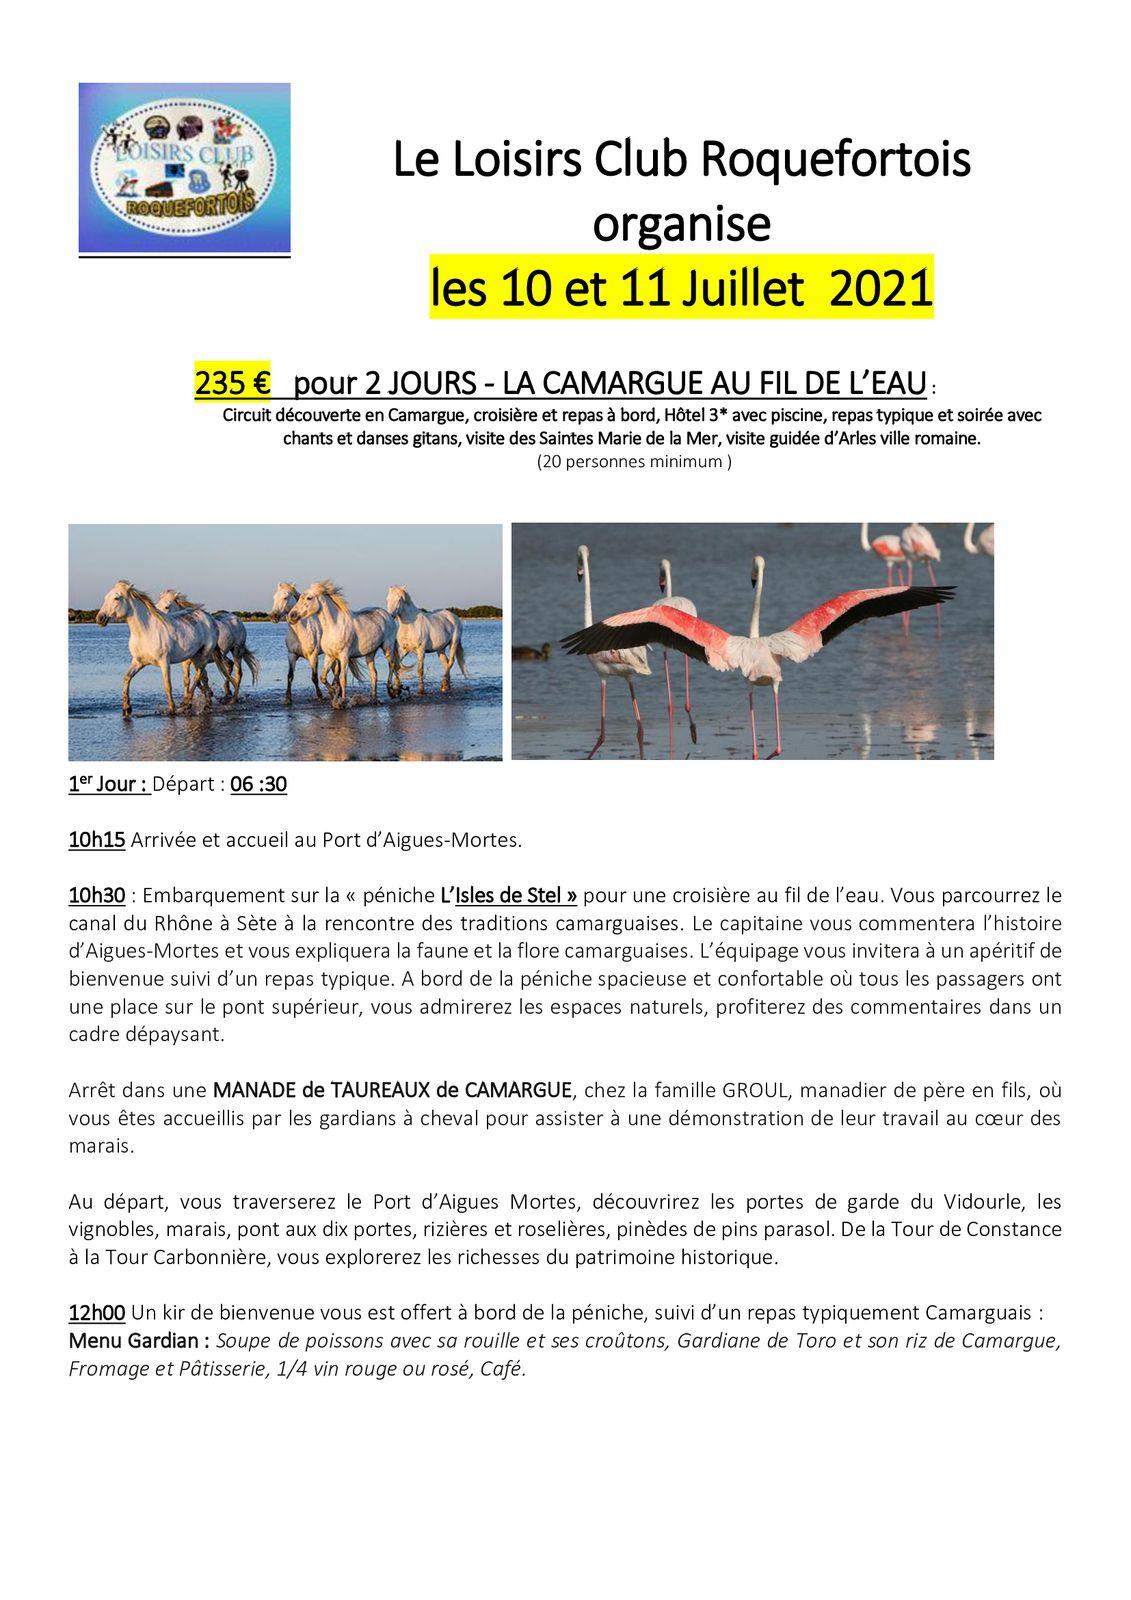 Le 10 et 11 Juillet voilà les nouvelles dates pour  notre escapade en Camargue